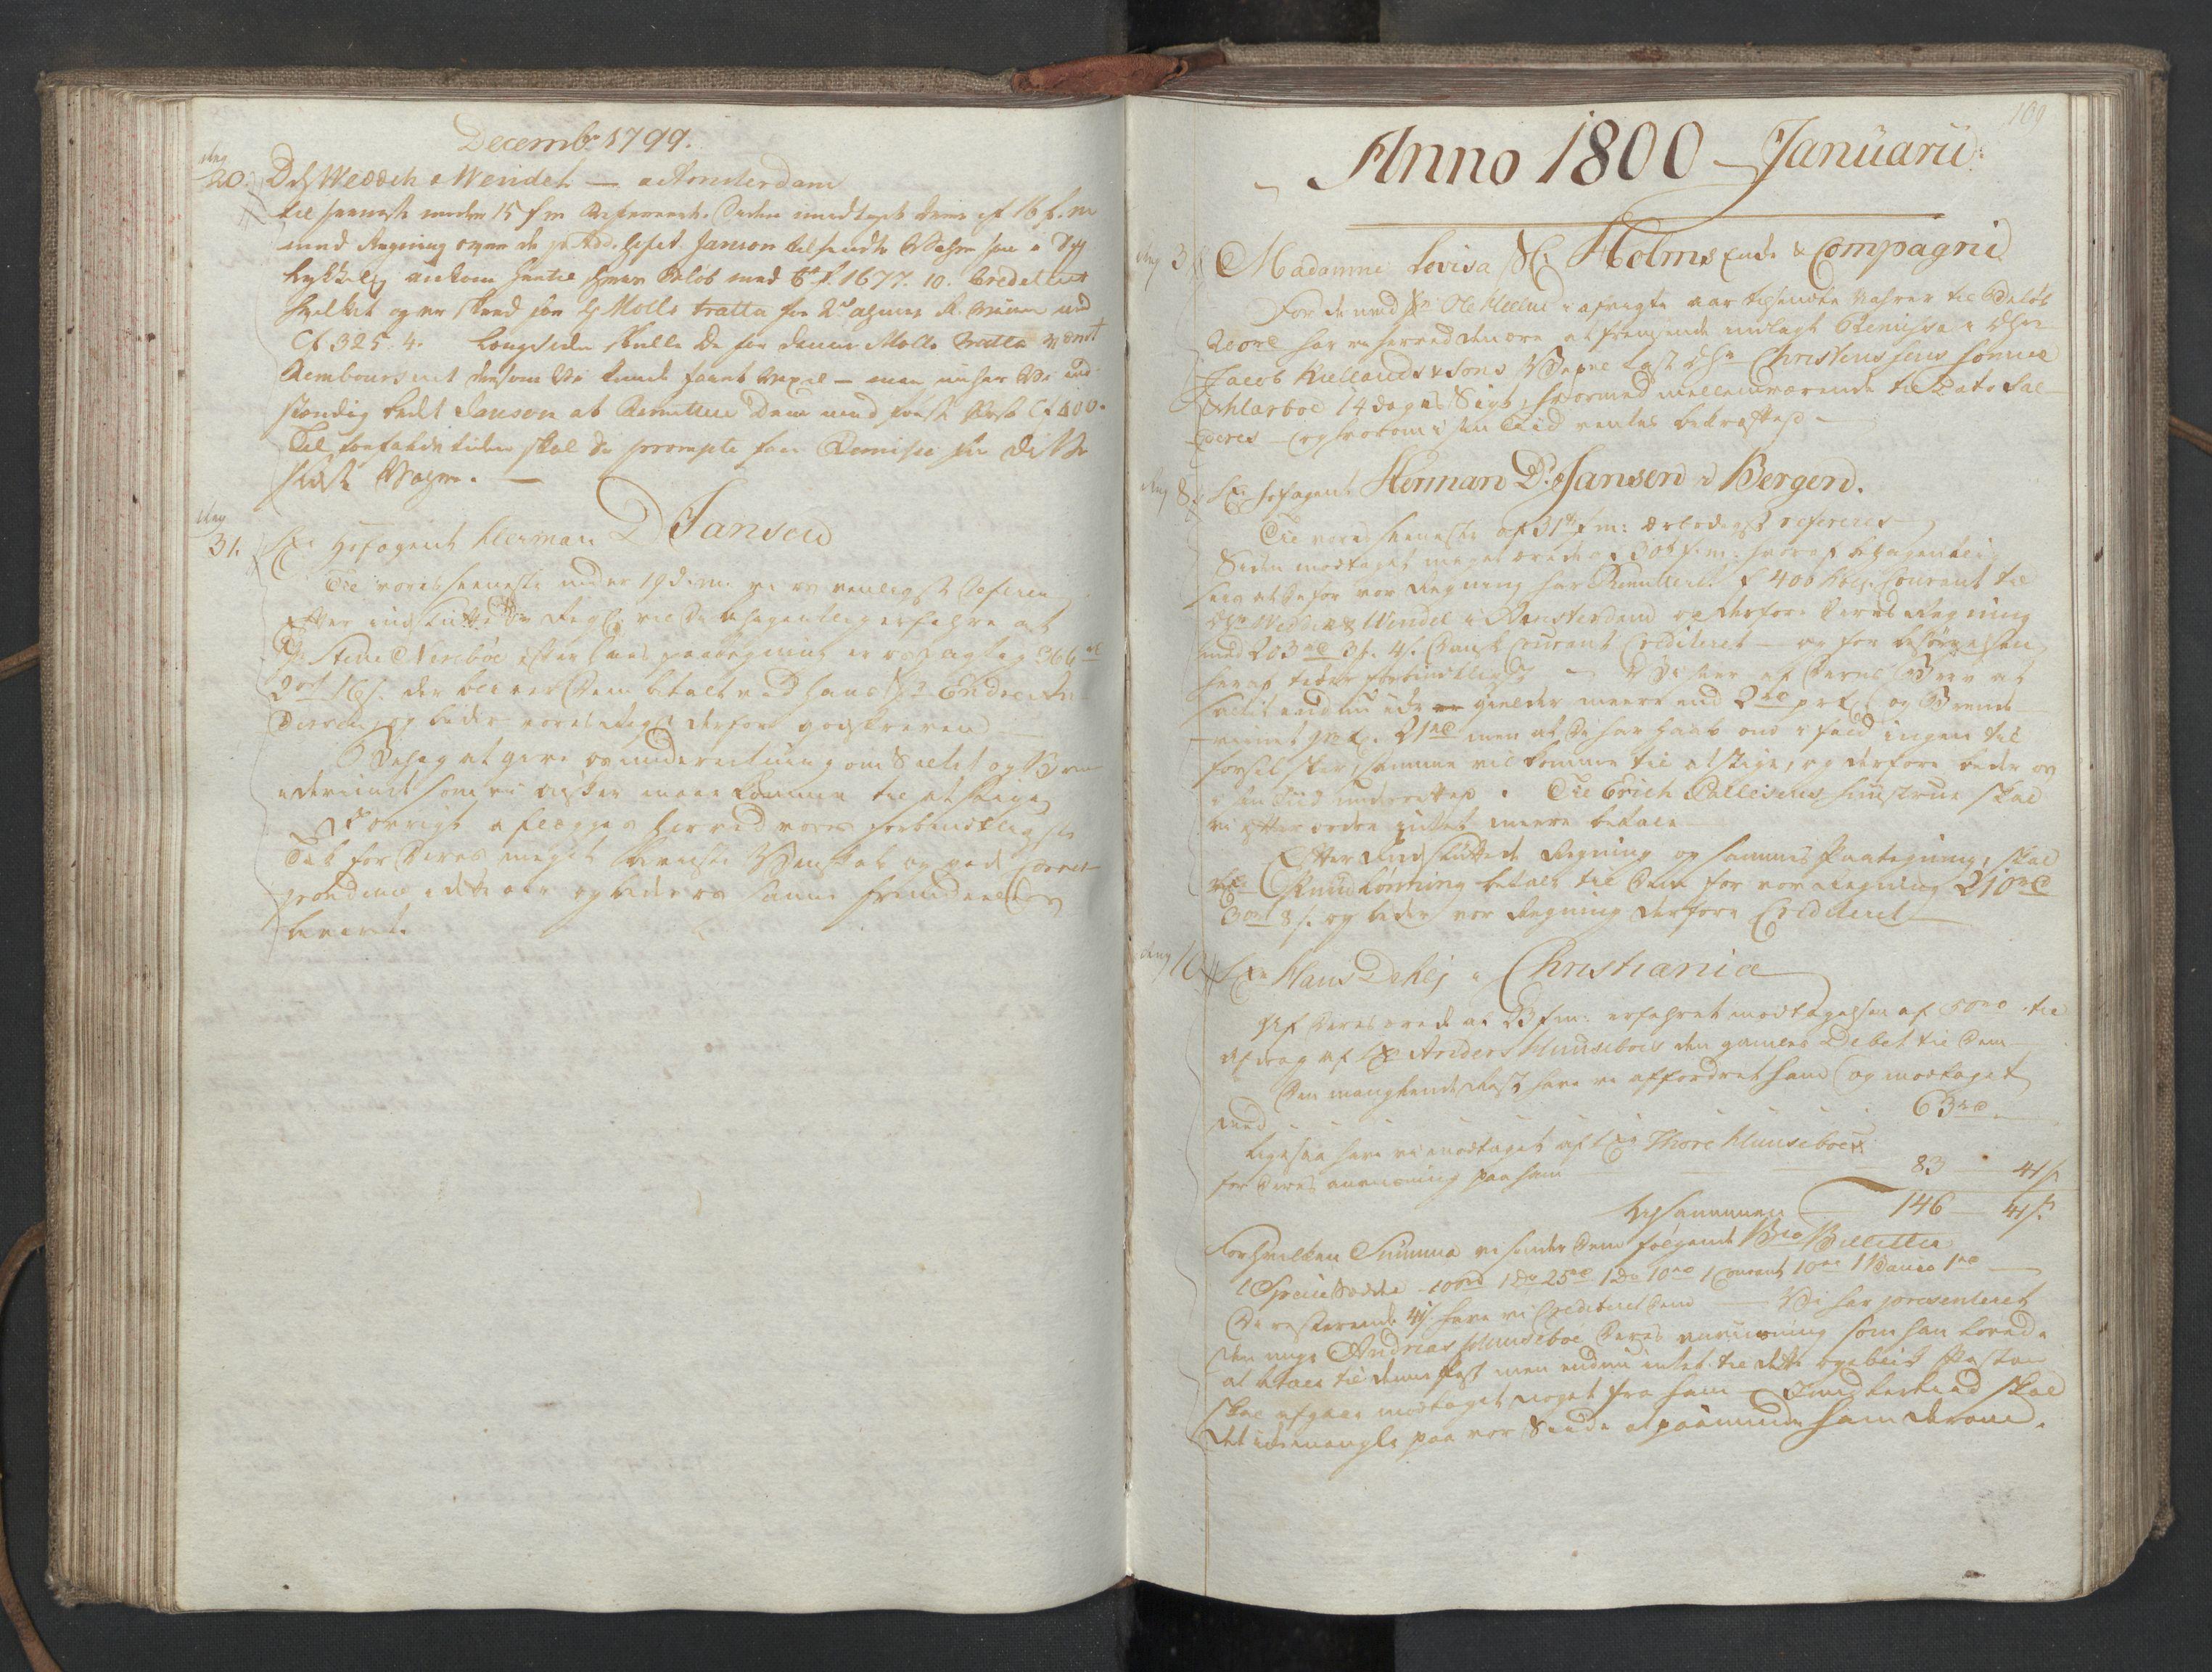 SAST, Pa 0003 - Ploug & Sundt, handelshuset, B/L0008: Kopibok, 1797-1804, s. 108b-109a